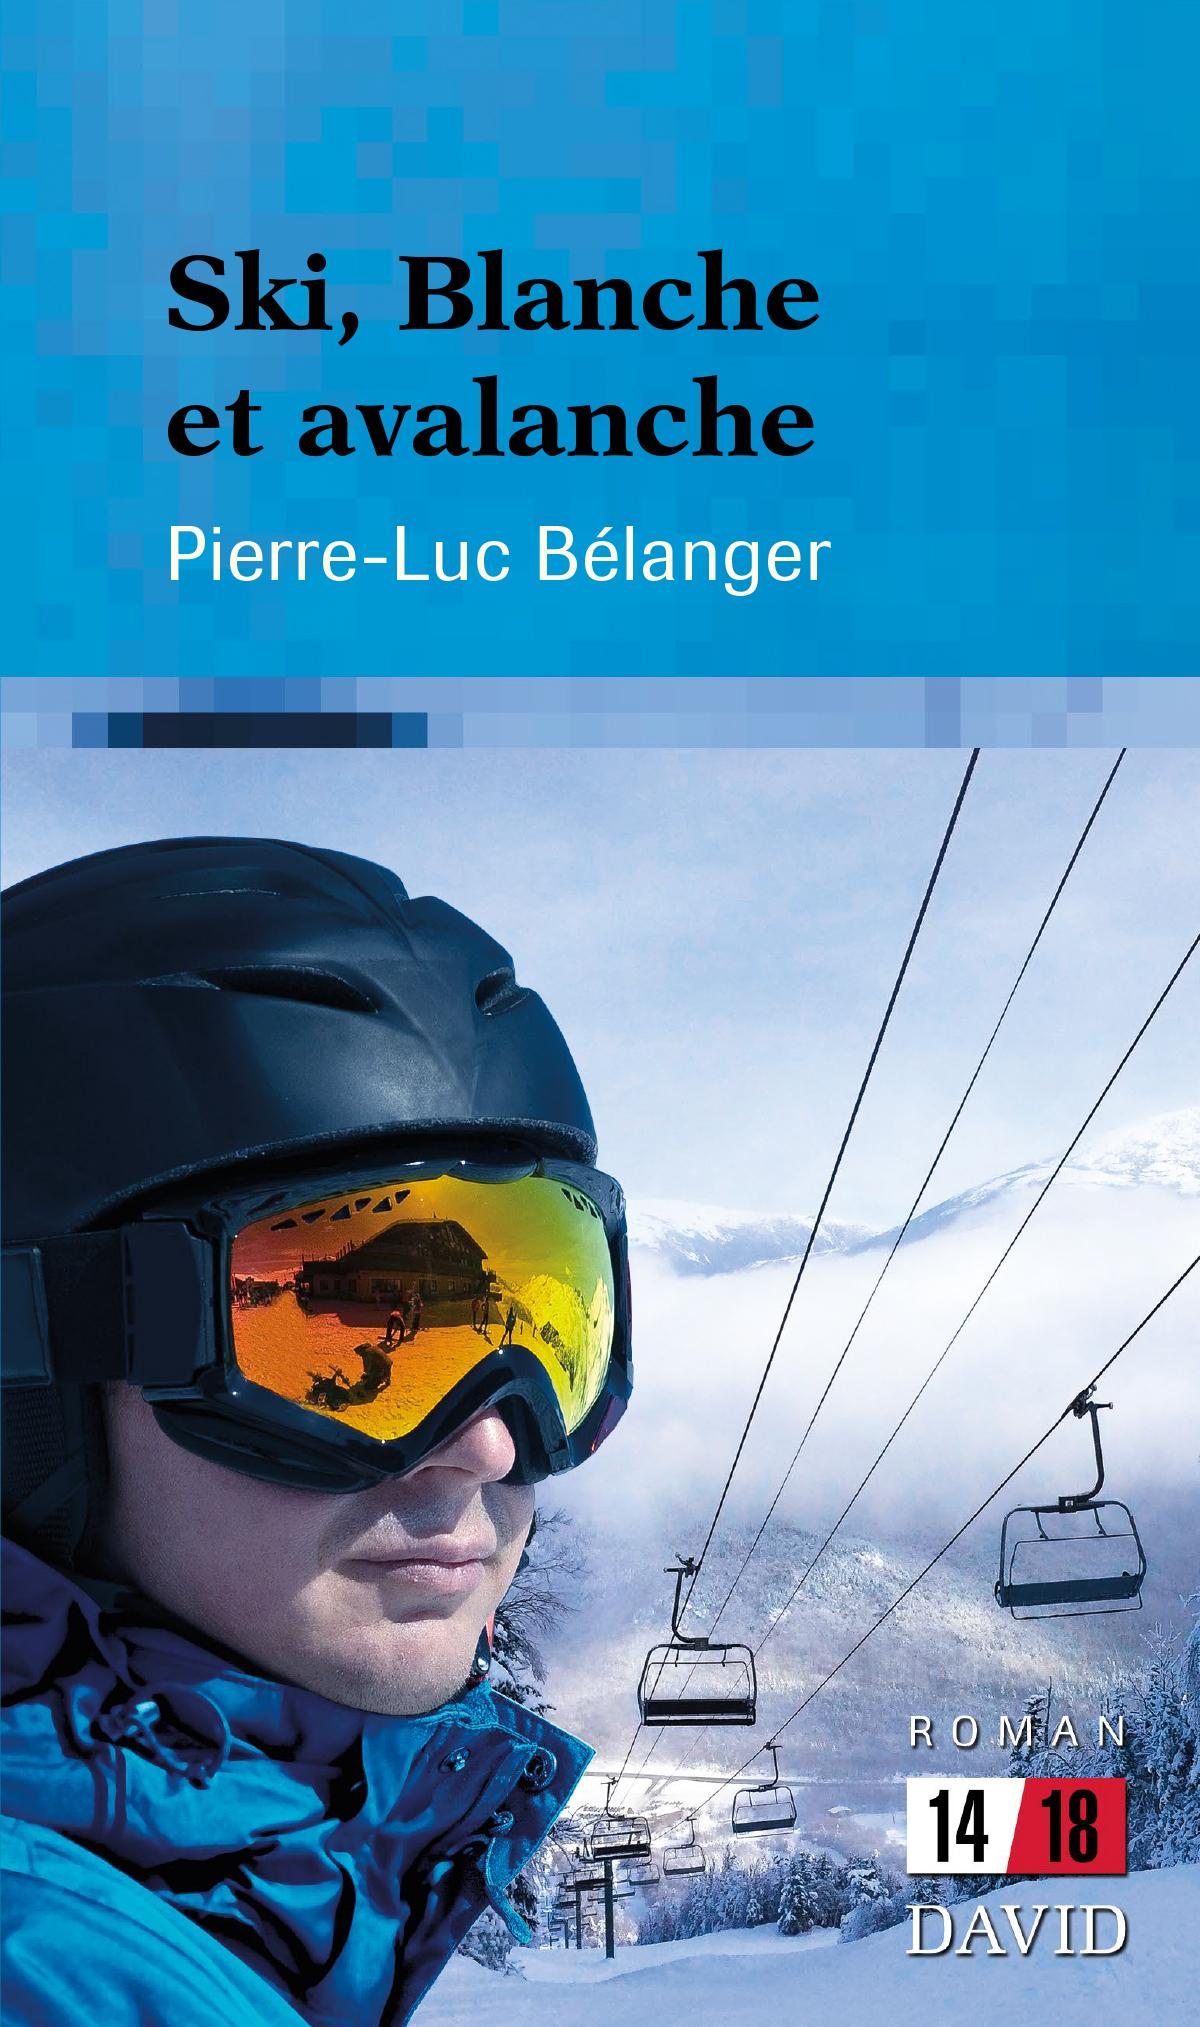 Couverture : Ski, Blanche et avalanche Pierre-luc Bélanger